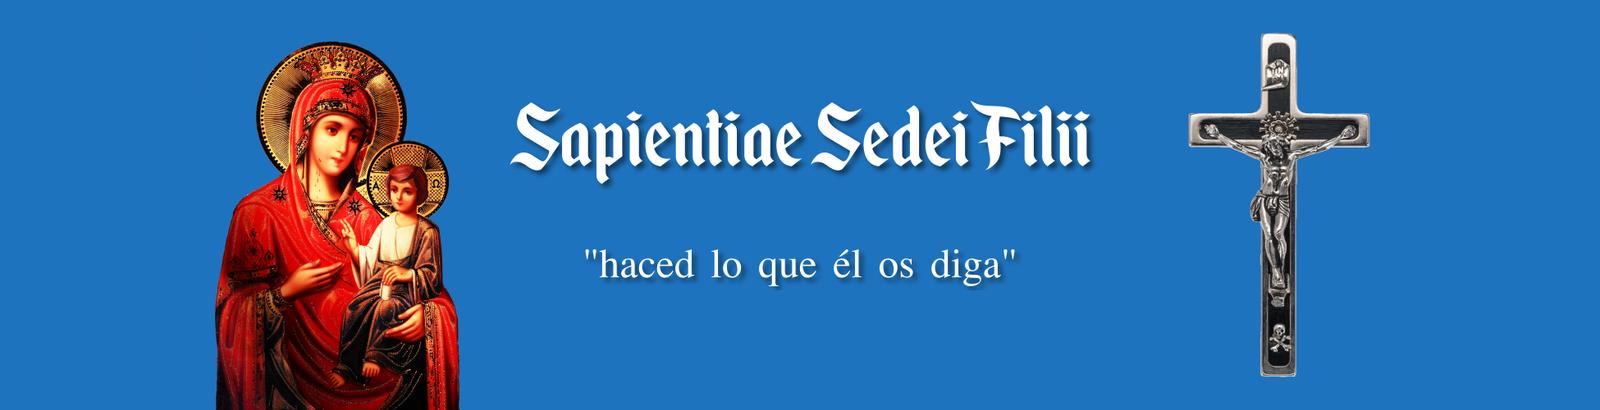 Sapientiae Sedei Filii